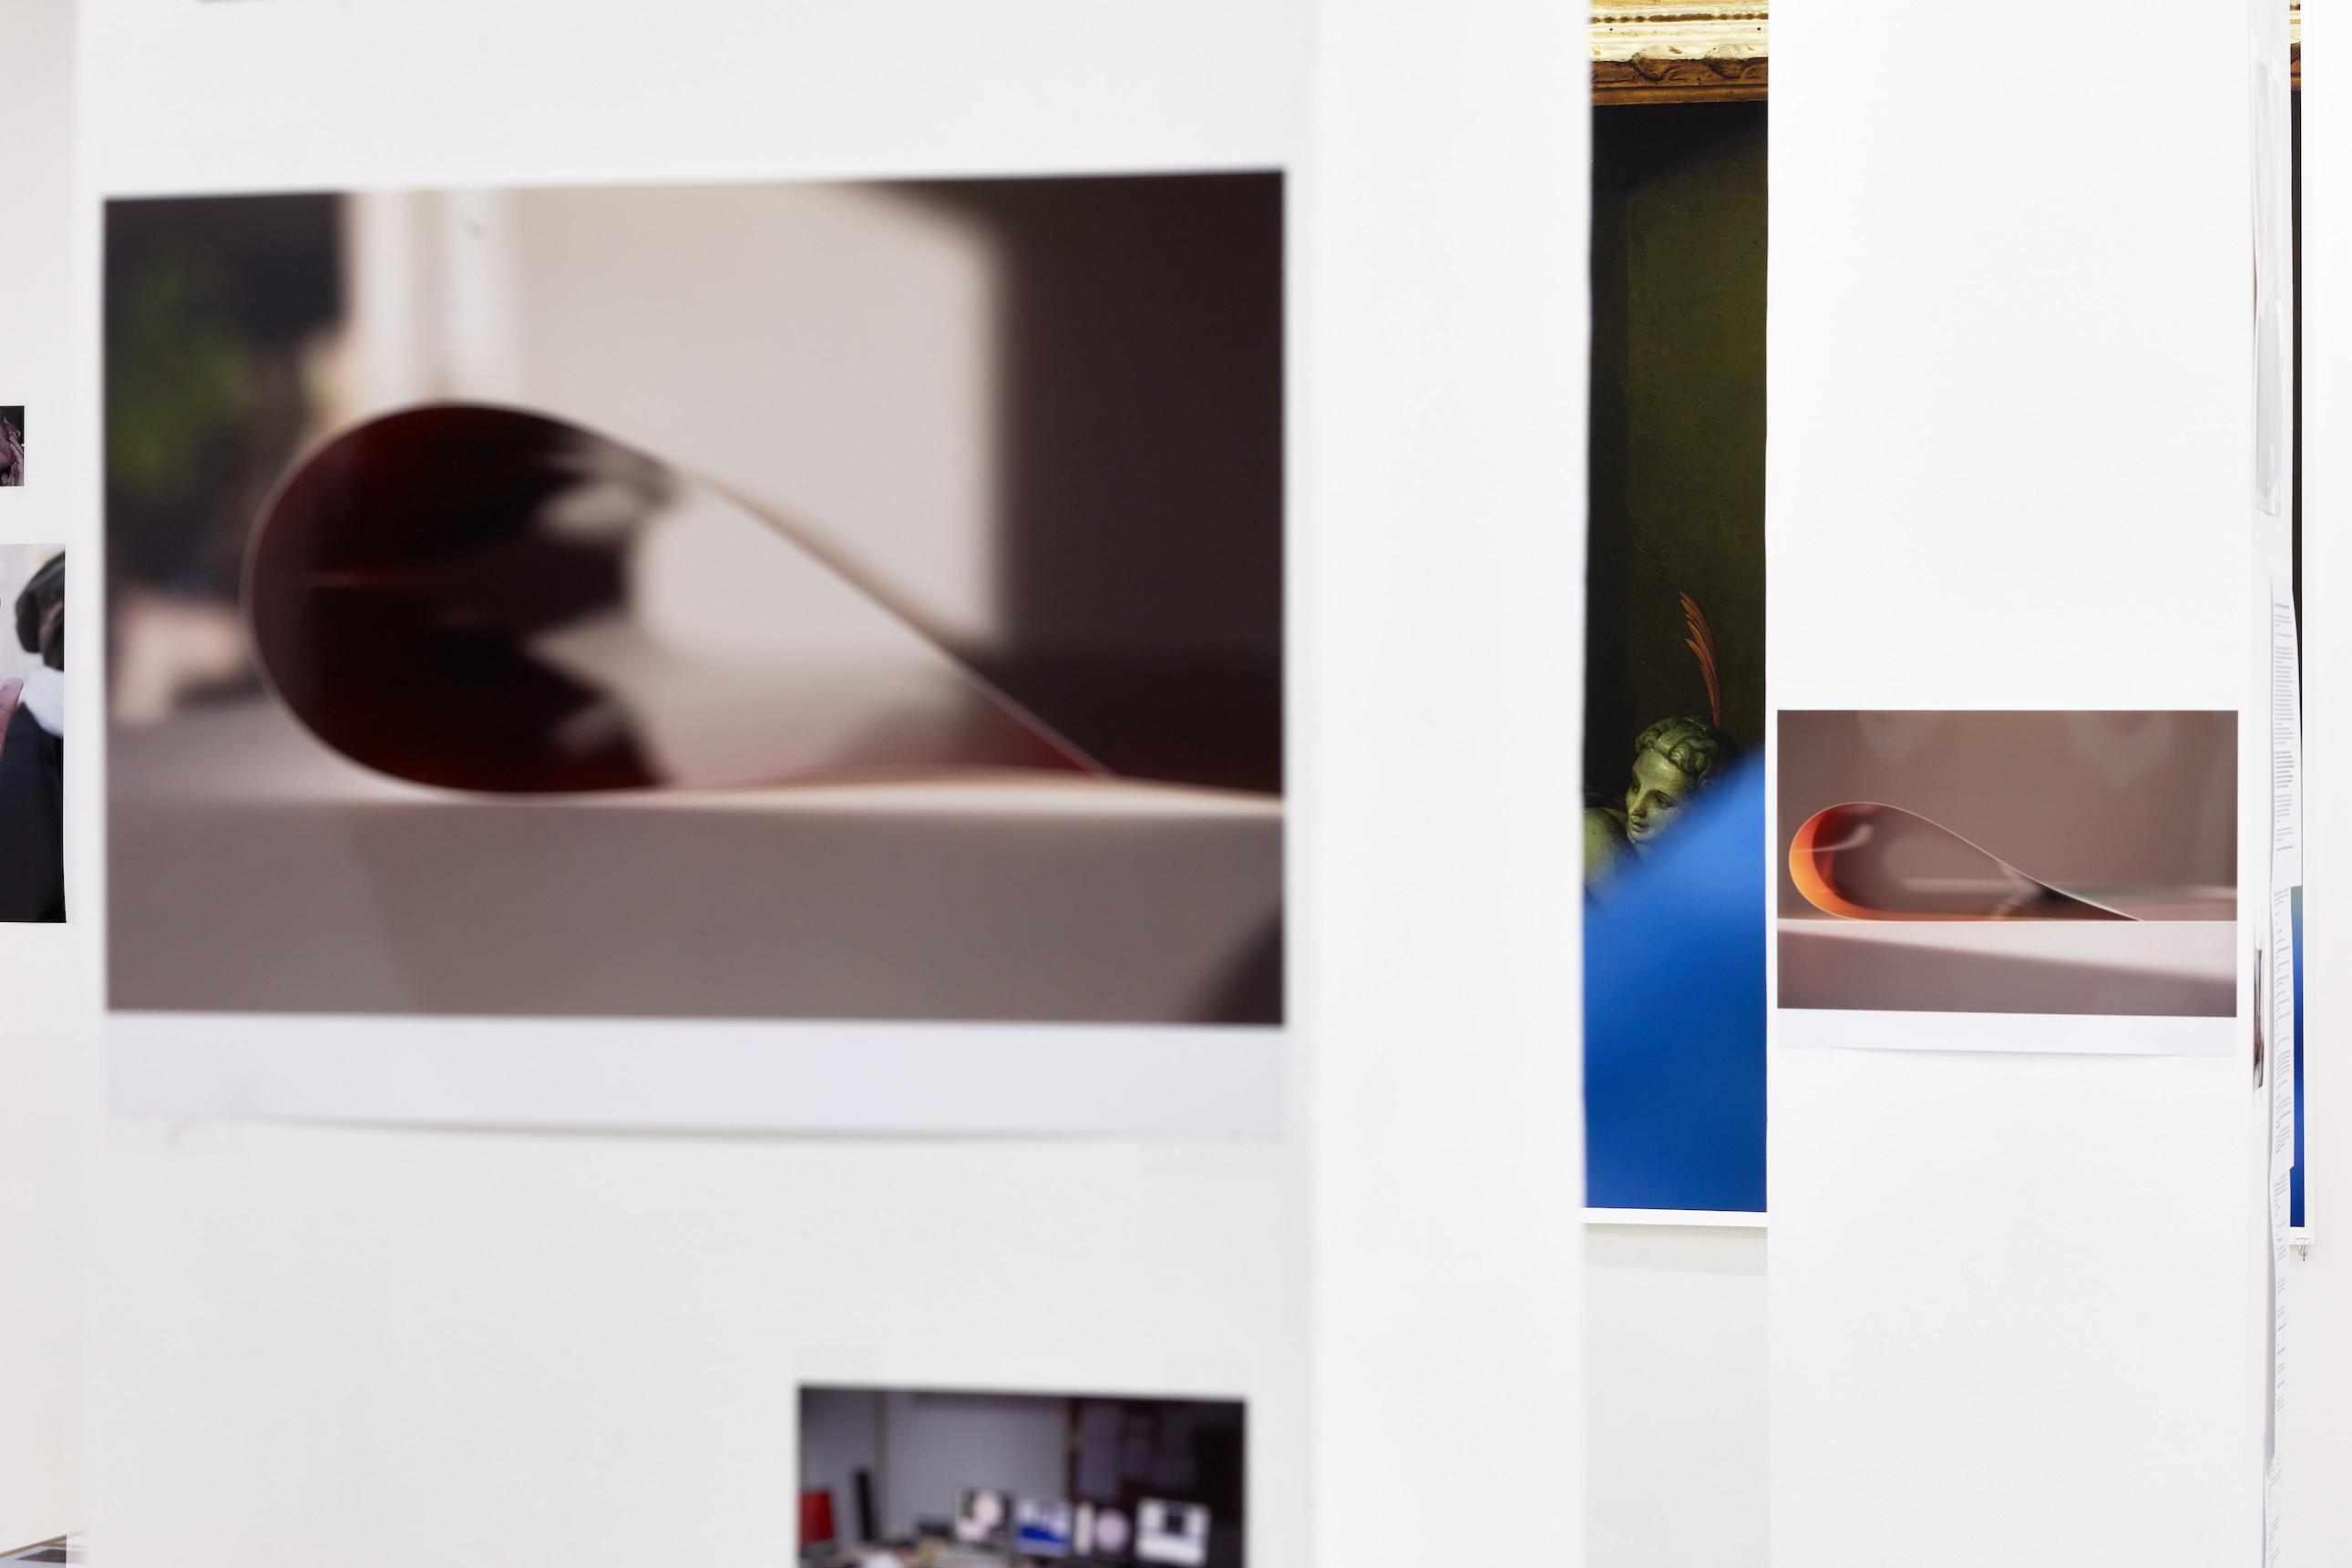 Wolfgang Tillmans: A te tested a tiéd. Kiállítási látkép, Trafó Galéria, 2021. Balra: paper drop (passage) V , 2019. Jobbra: paper drop (orange), 2019. Fotó: Biró Dávid